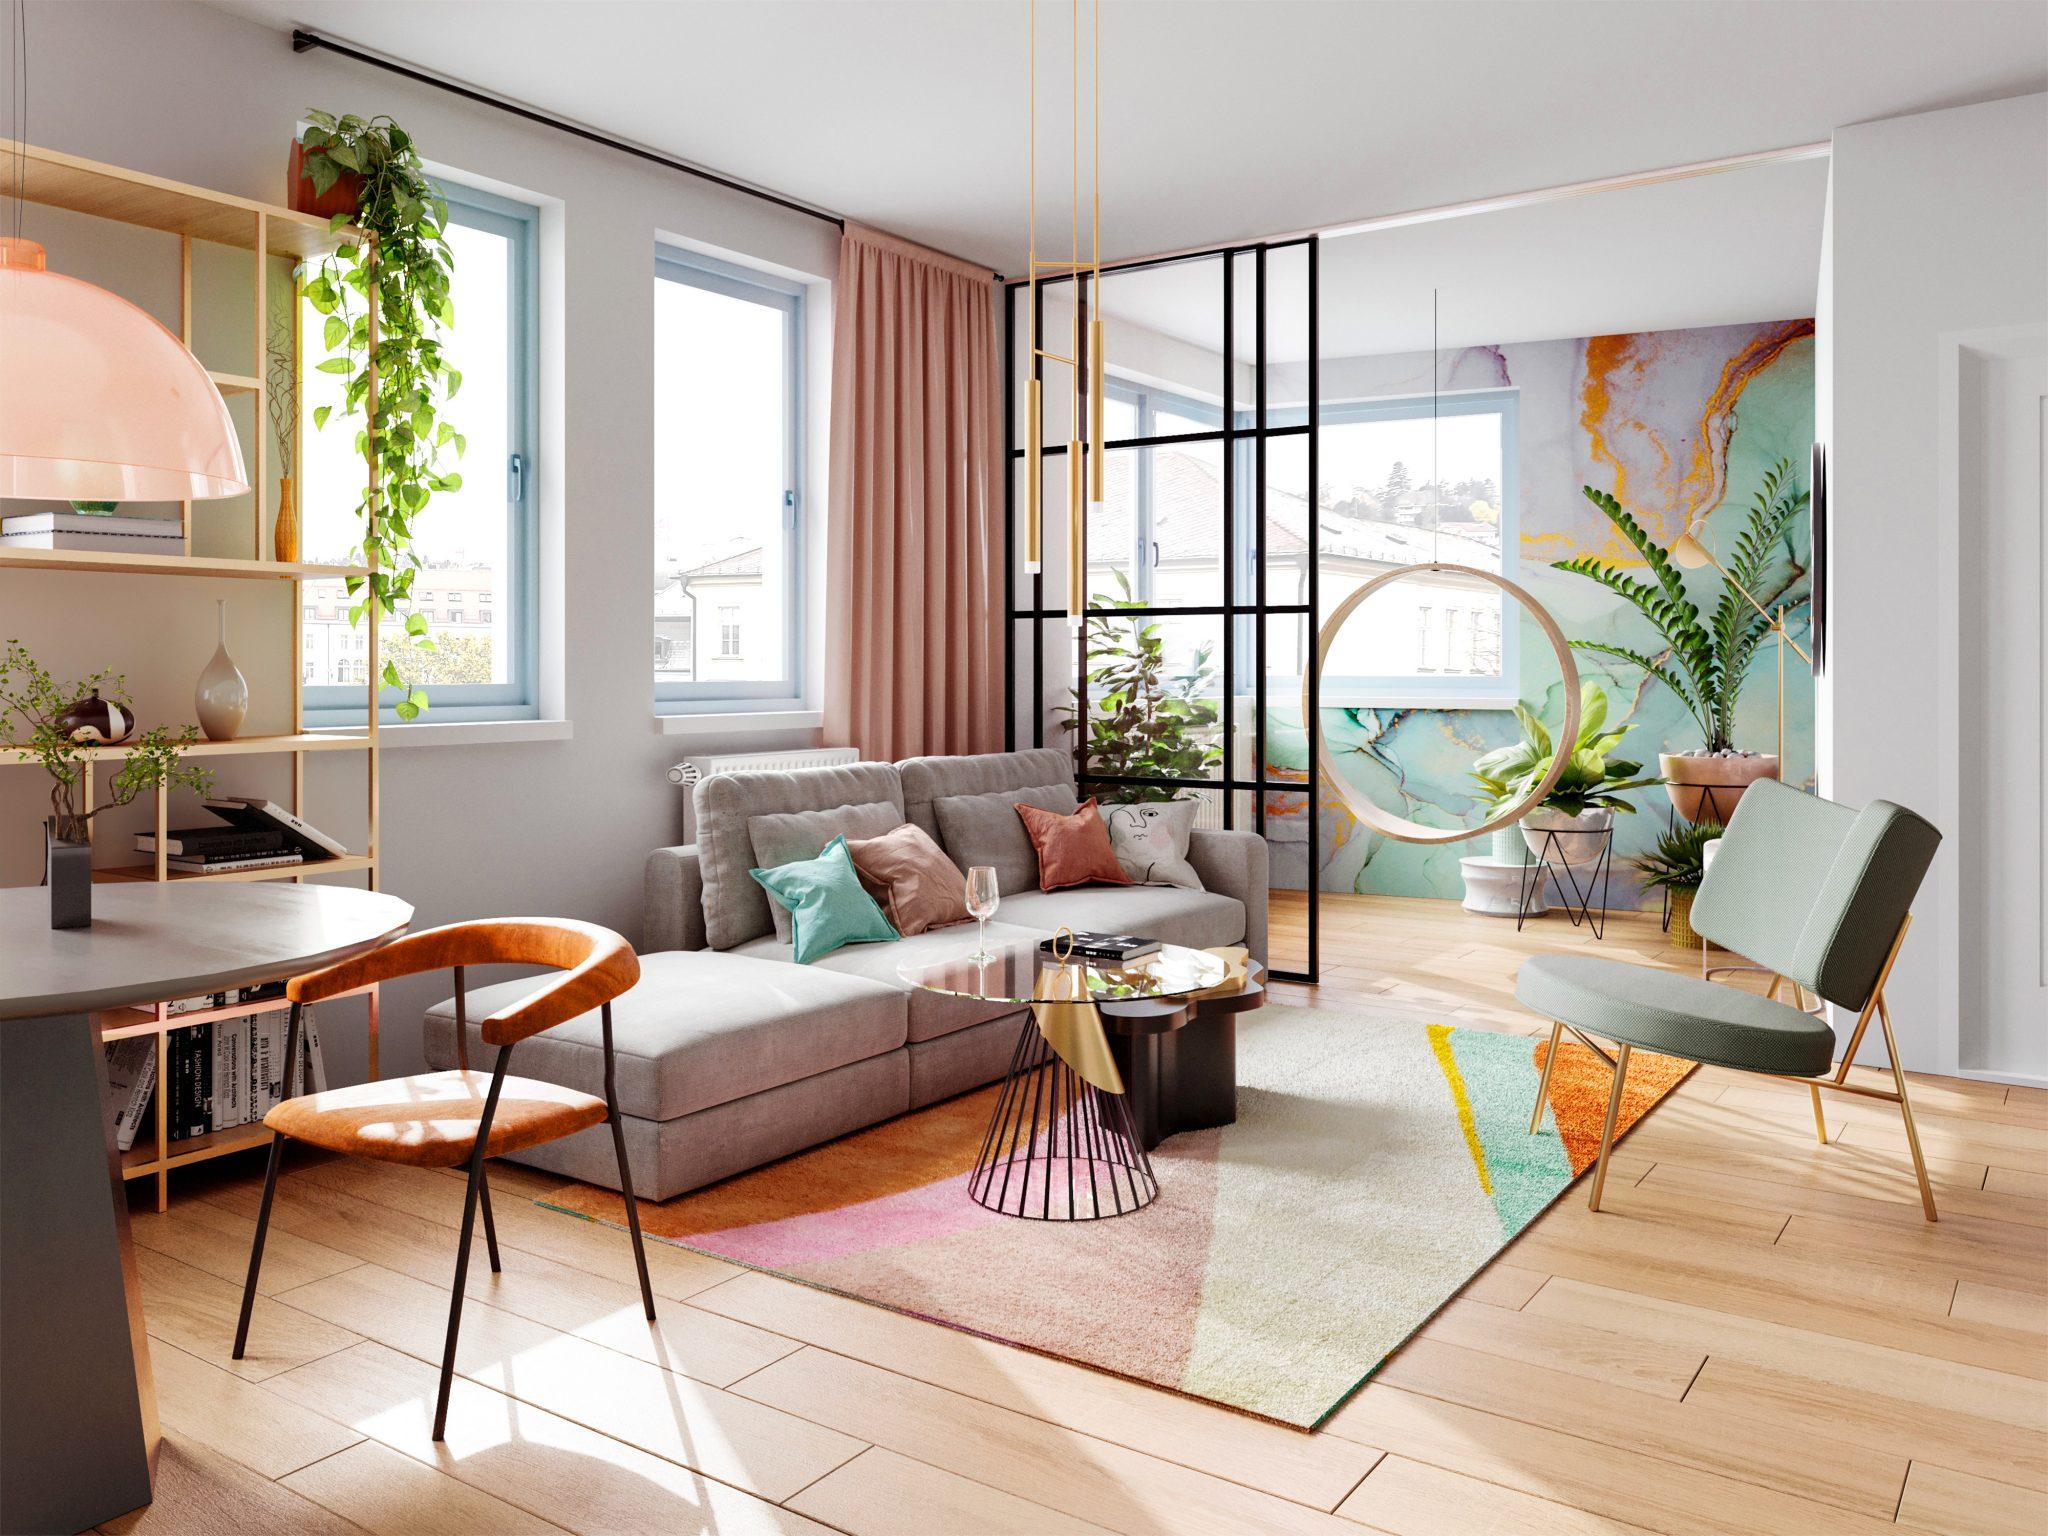 2,5 izbový apartmán s loggiou v absolútnom centre Bratislavy, skvelá investícia